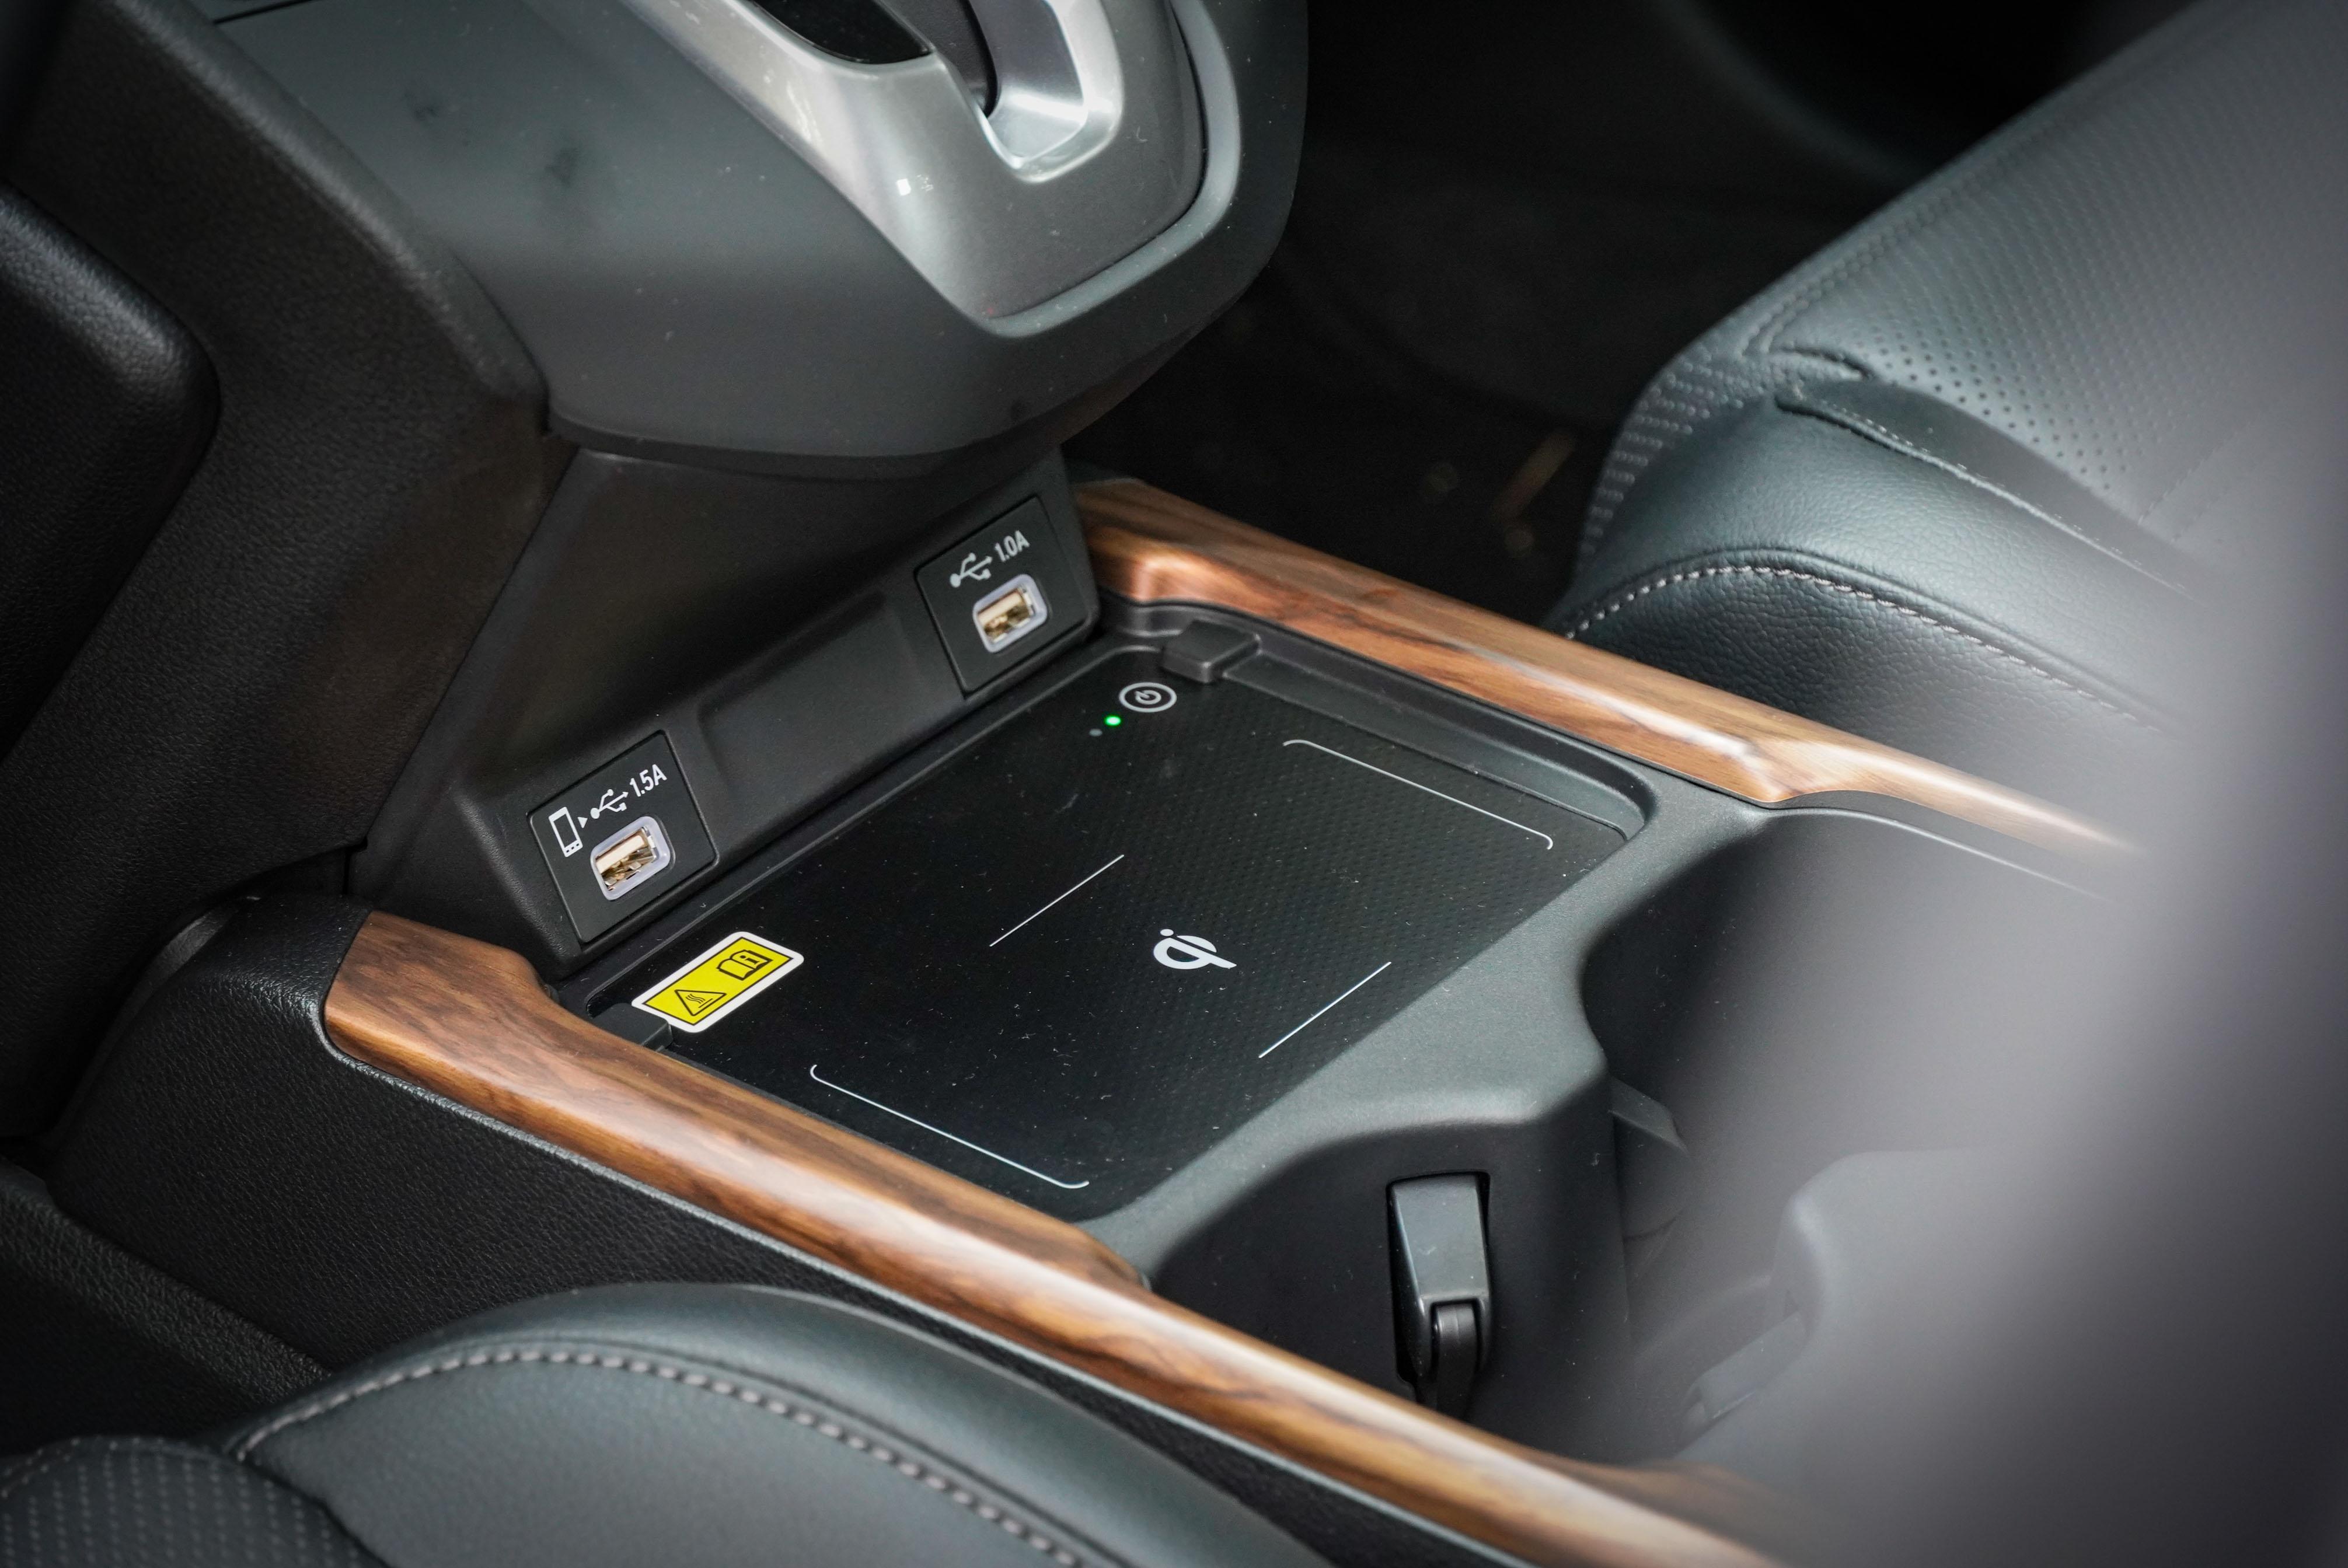 VTi-S 以上車型標配無線充電板。USB 位置也重新設計過。